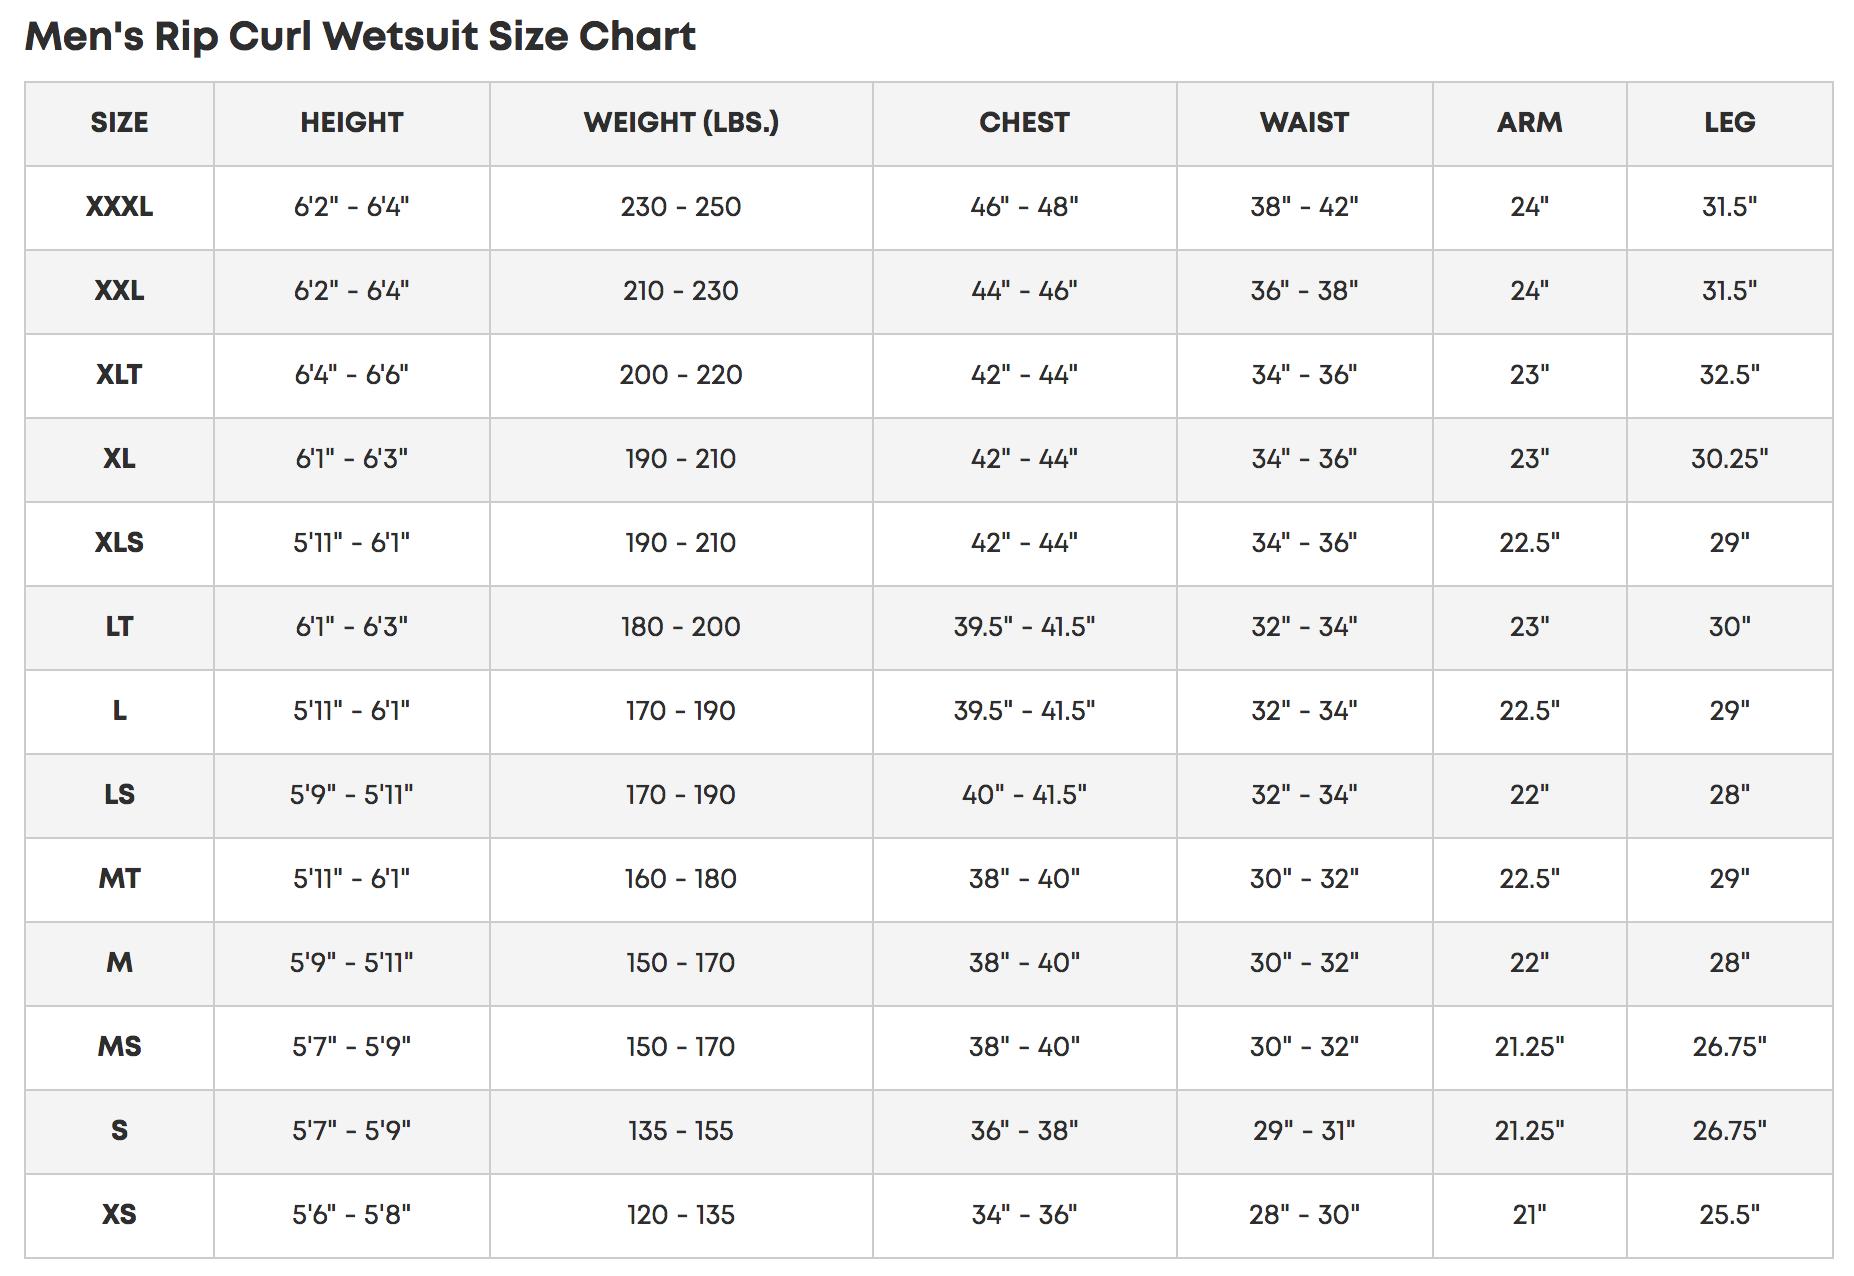 Rip Curl Men's Wetsuit Size Chart